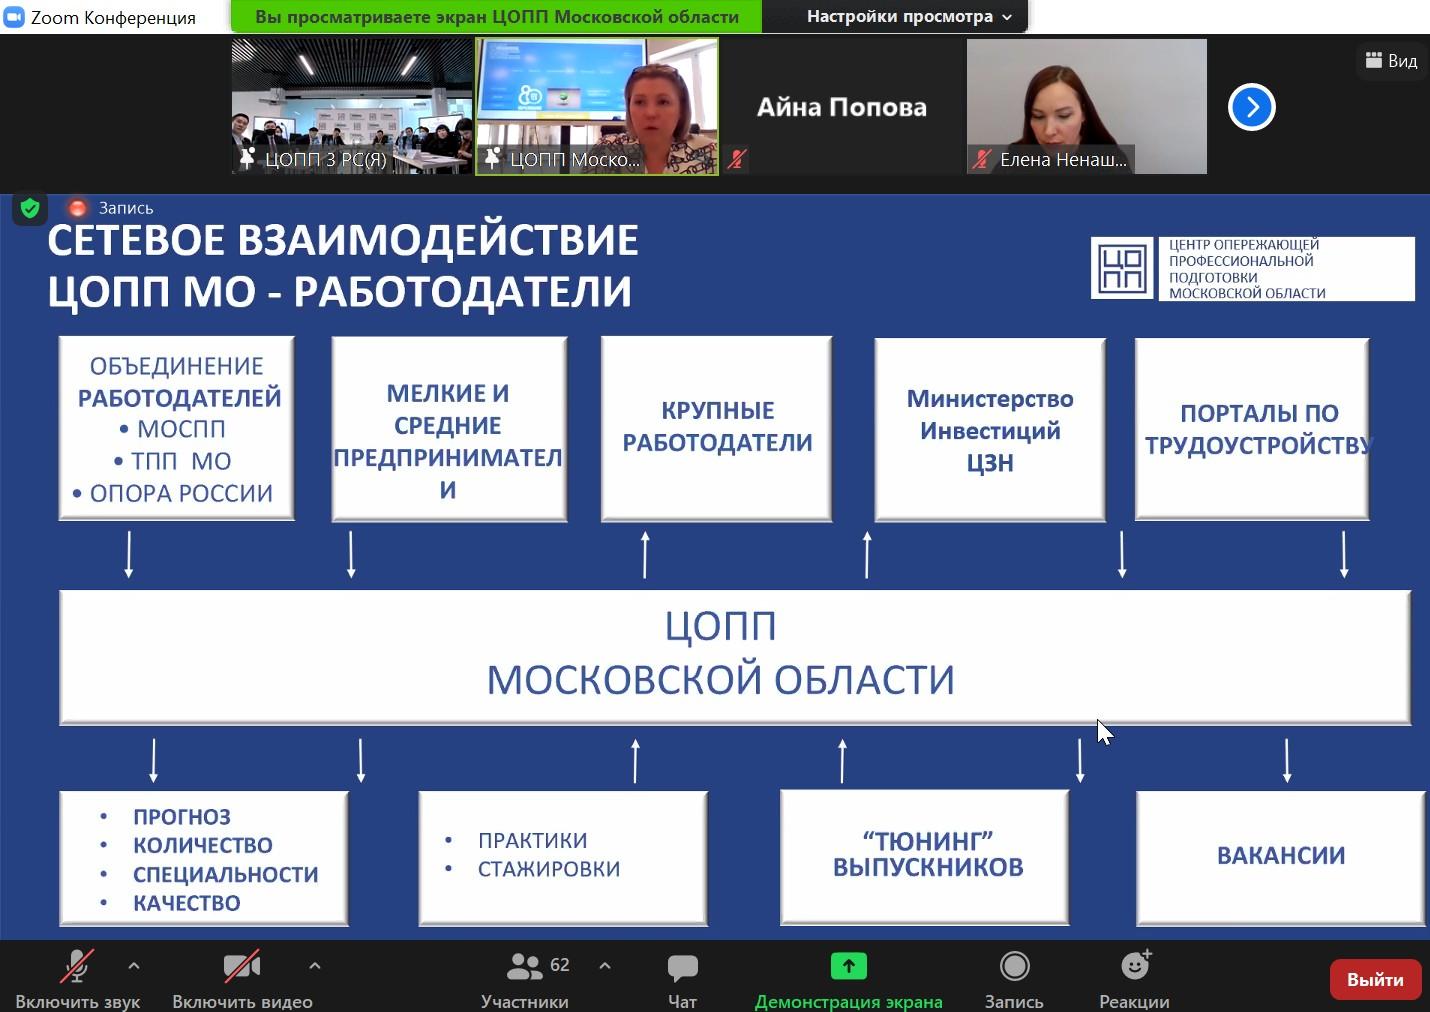 Обмен опытом: делегация из регионов России посетила ЦОПП